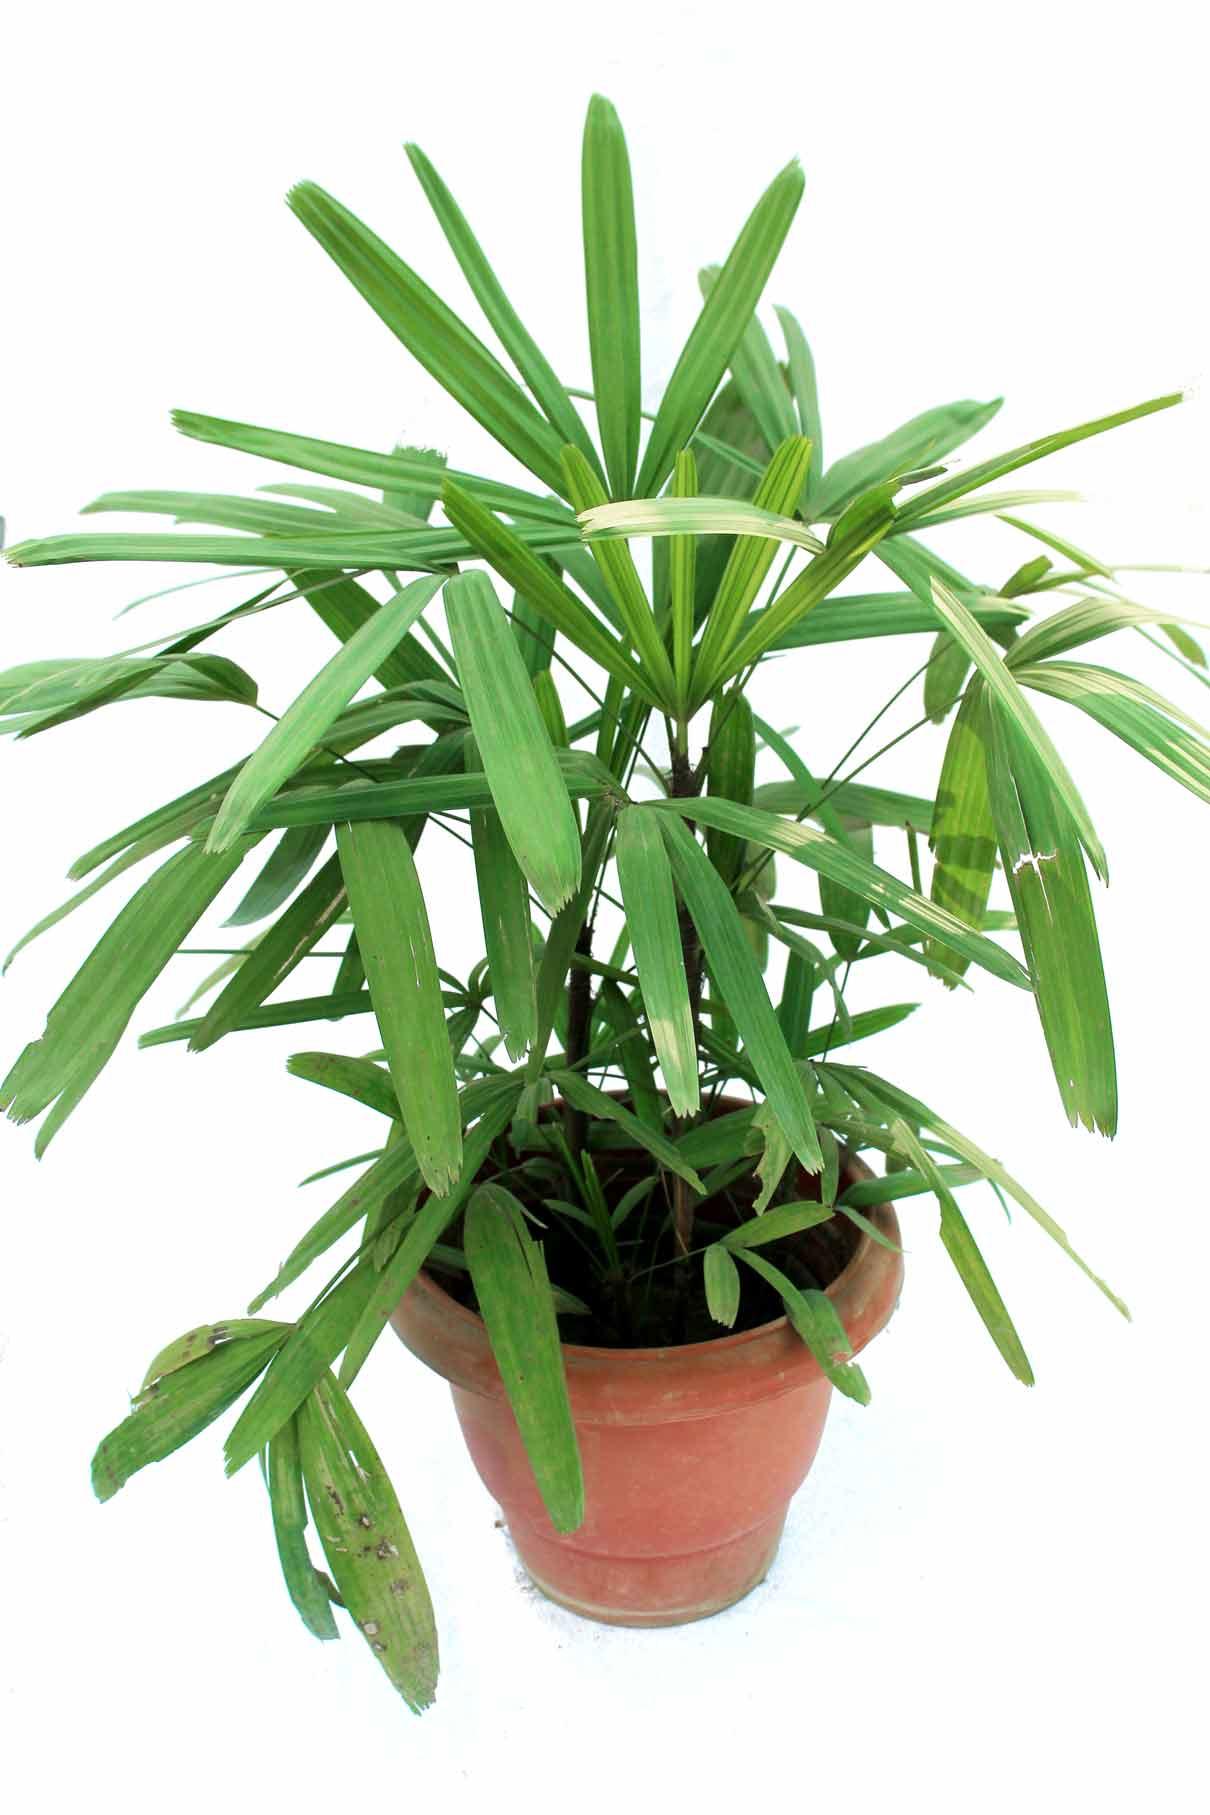 Exceptional Indoor Plants Online #9: Rhapis Palm, Indoor 3 Feet